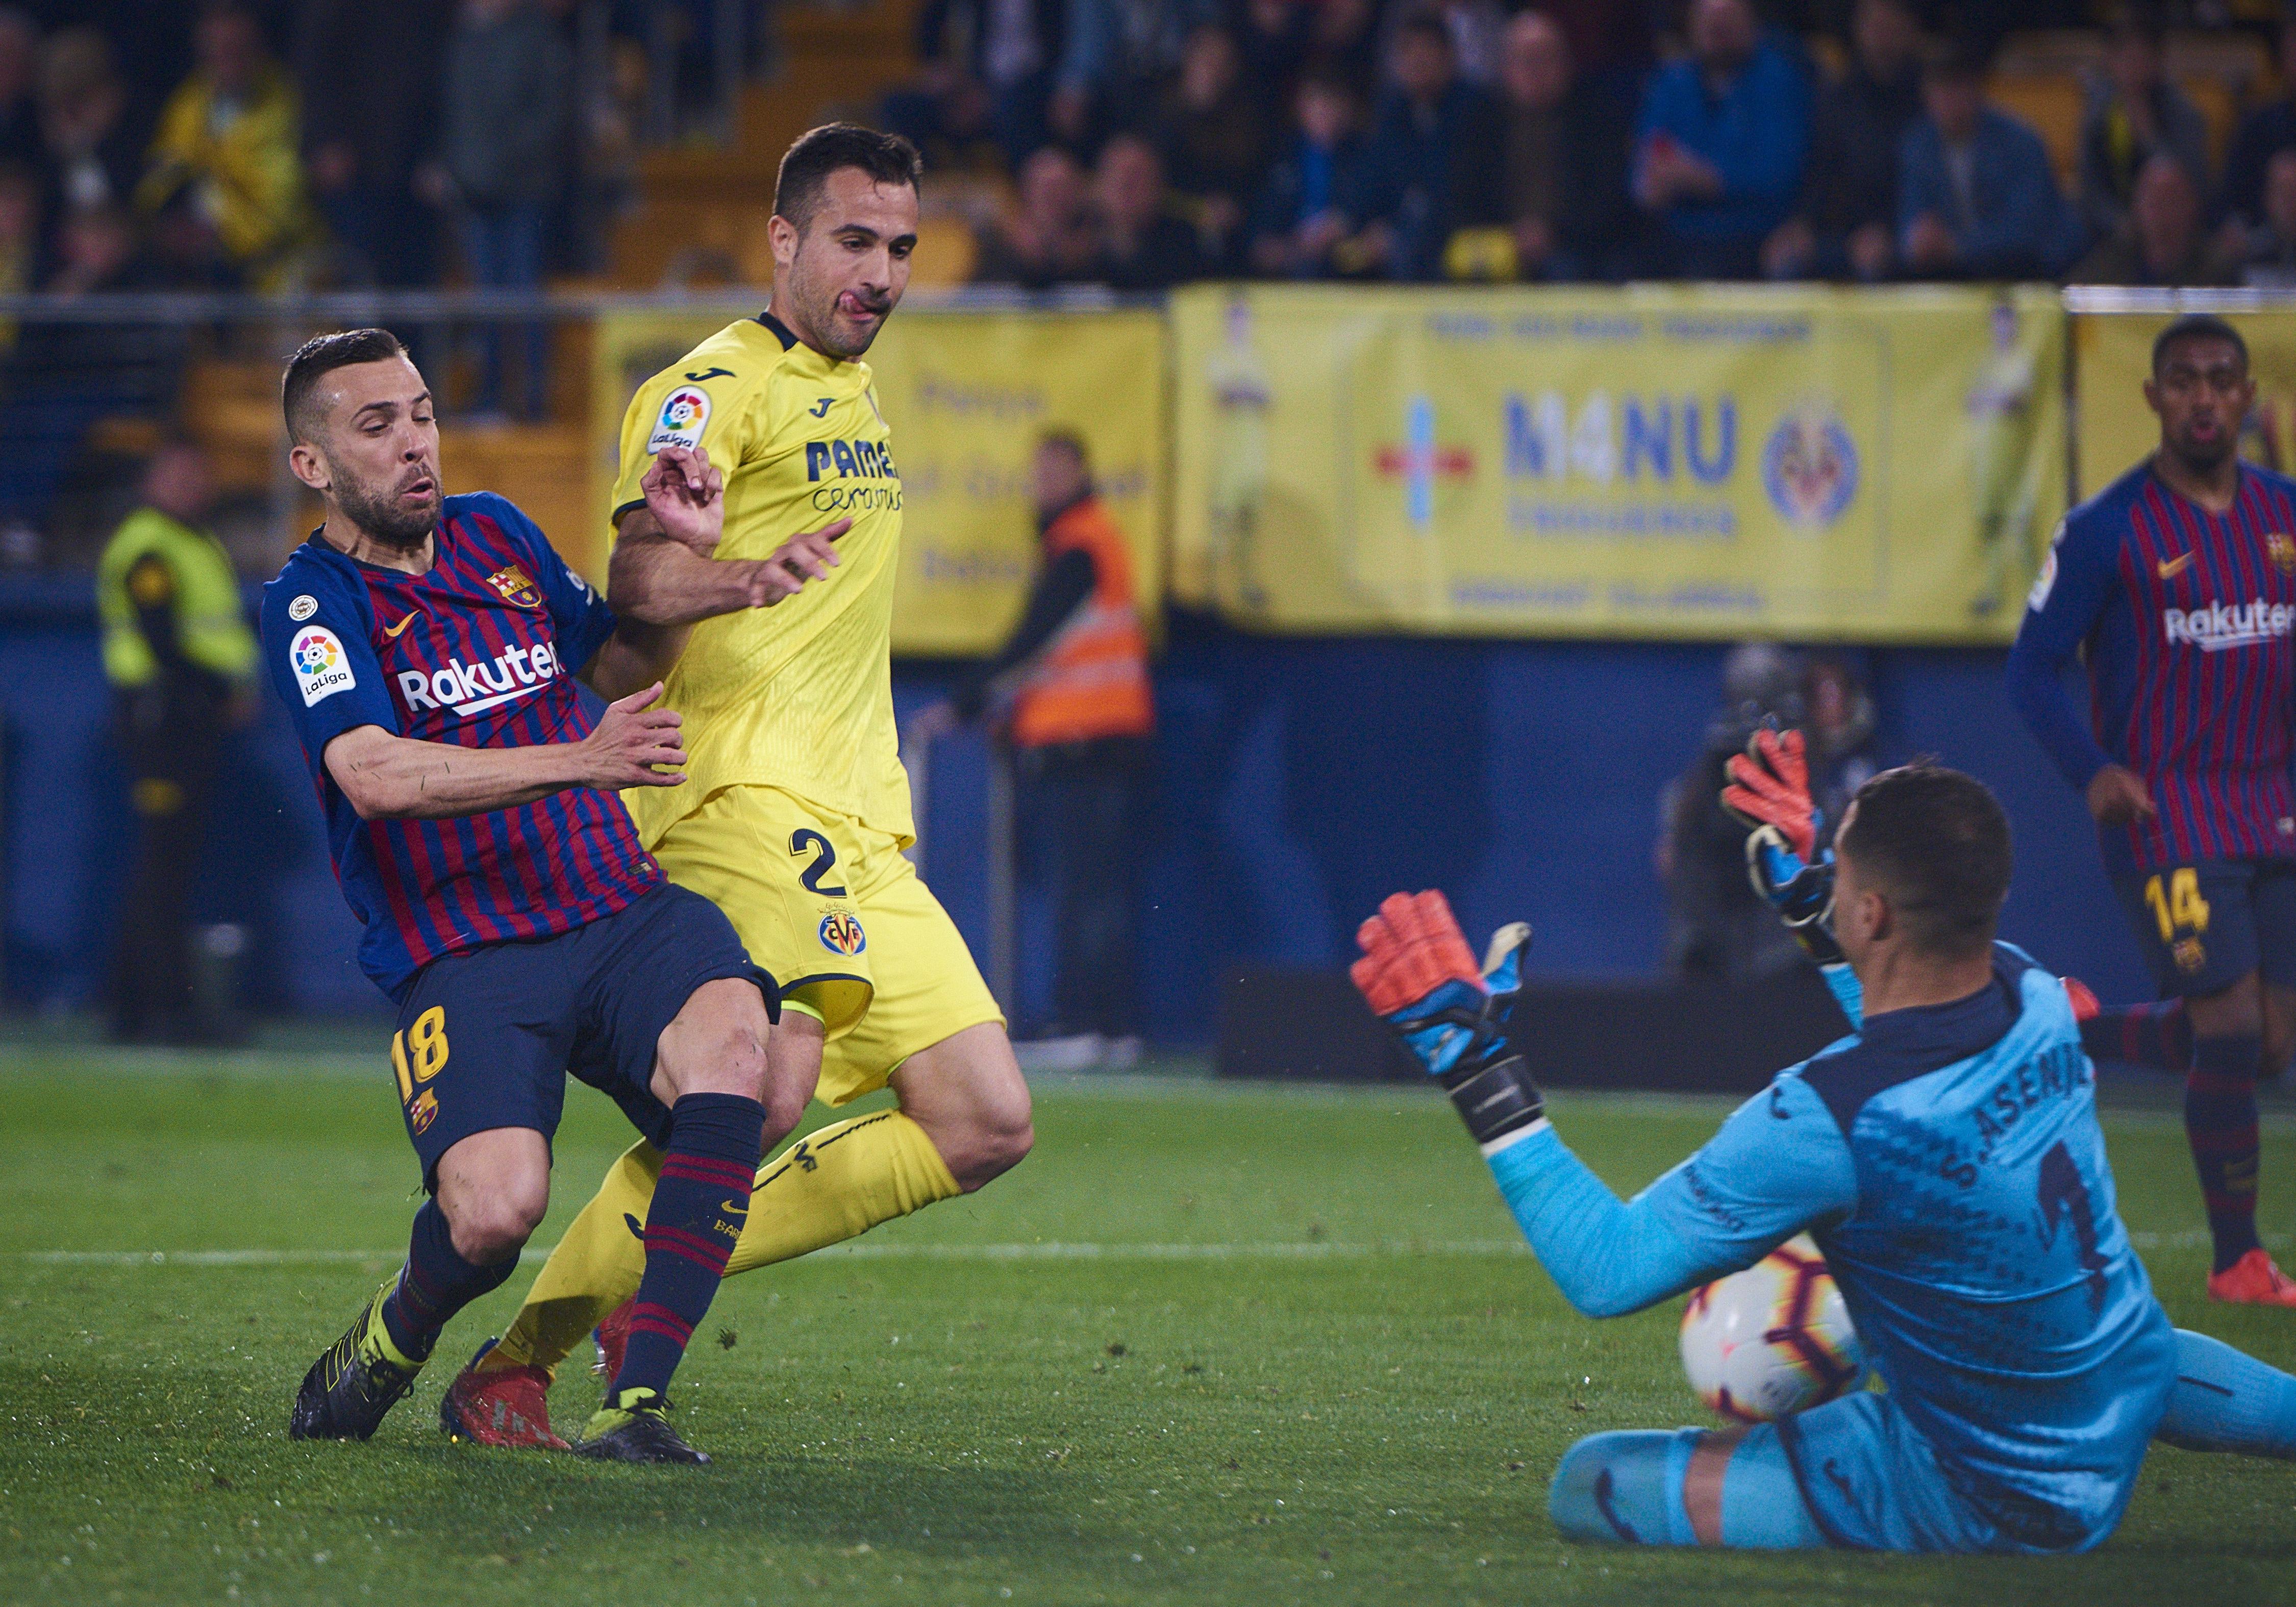 SOCCER: APR 02 La Liga - Villarreal CF at FC Barcelona